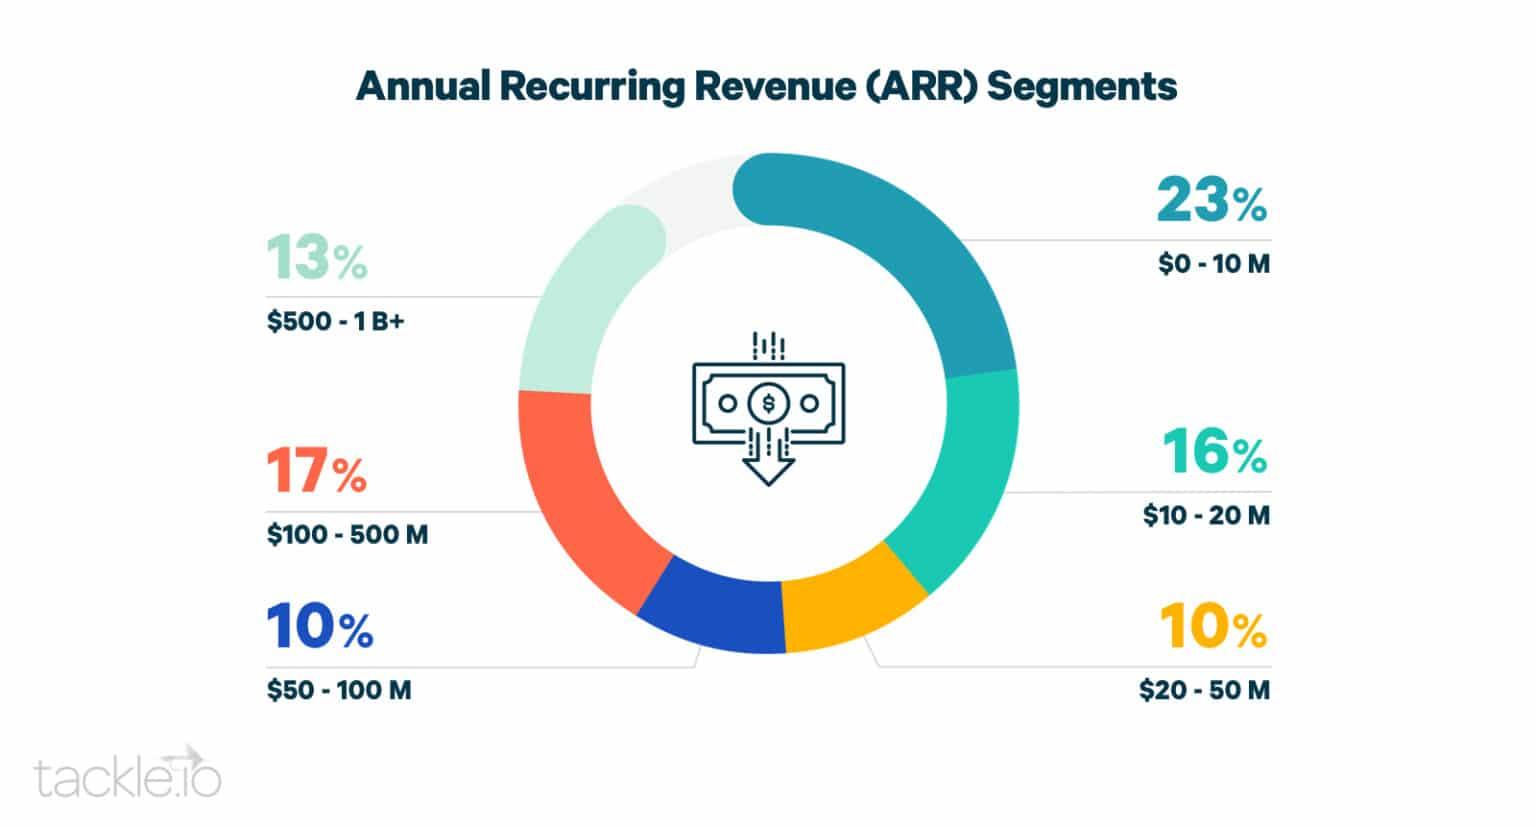 ARR segments